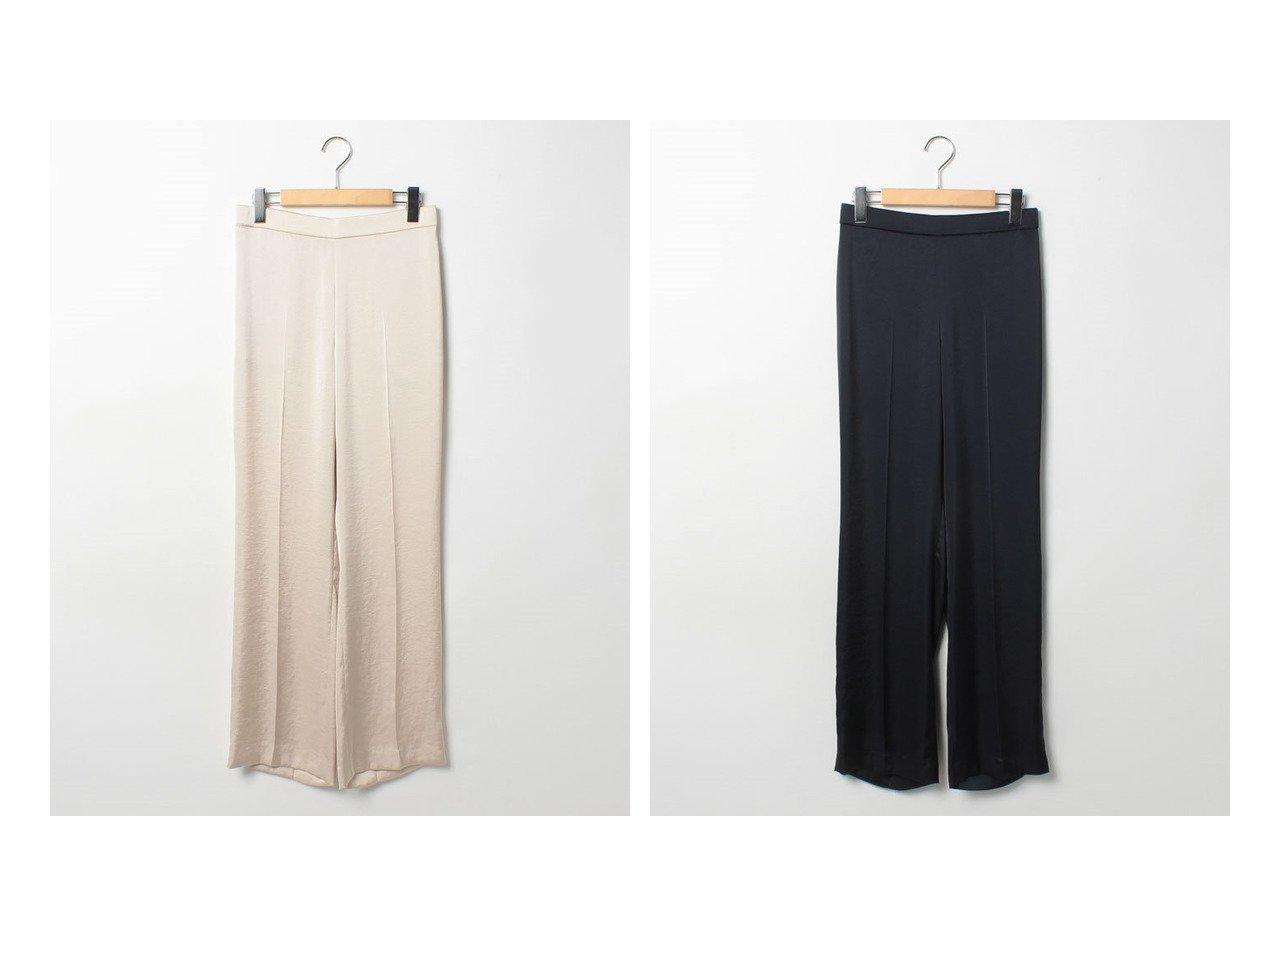 【theory/セオリー】のパンツ CRUSHED SATIN ST PULL ON 【パンツ】おすすめ!人気、トレンド・レディースファッションの通販 おすすめで人気の流行・トレンド、ファッションの通販商品 インテリア・家具・メンズファッション・キッズファッション・レディースファッション・服の通販 founy(ファニー) https://founy.com/ ファッション Fashion レディースファッション WOMEN パンツ Pants NEW・新作・新着・新入荷 New Arrivals なめらか サテン シンプル ストレート ドレープ フィット  ID:crp329100000059820